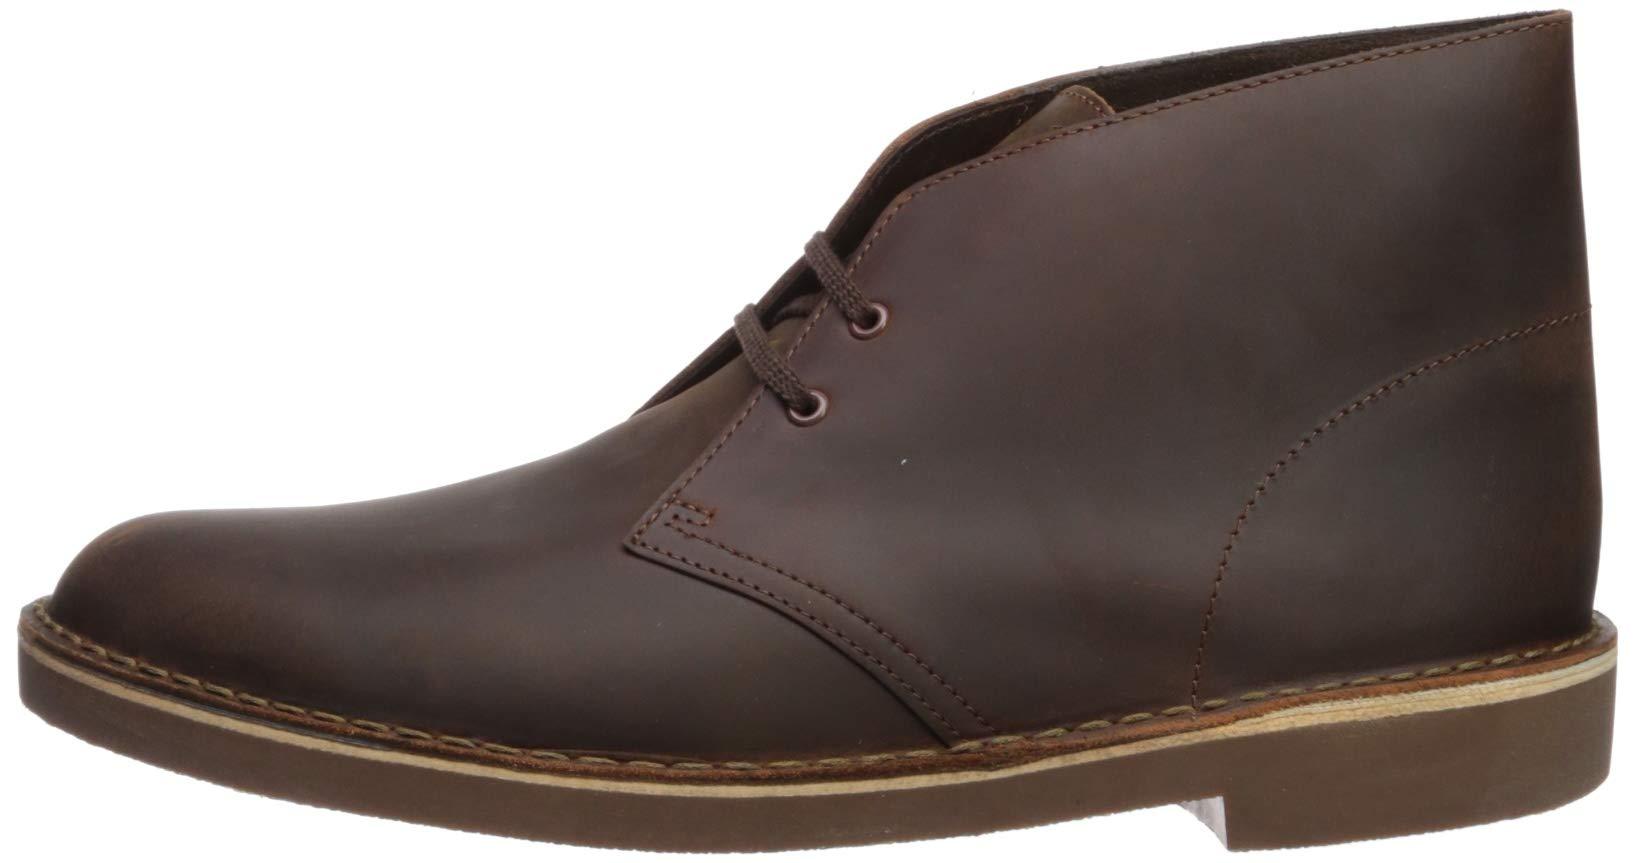 Clarks Men's Bushacre 2 Chukka Boot 5